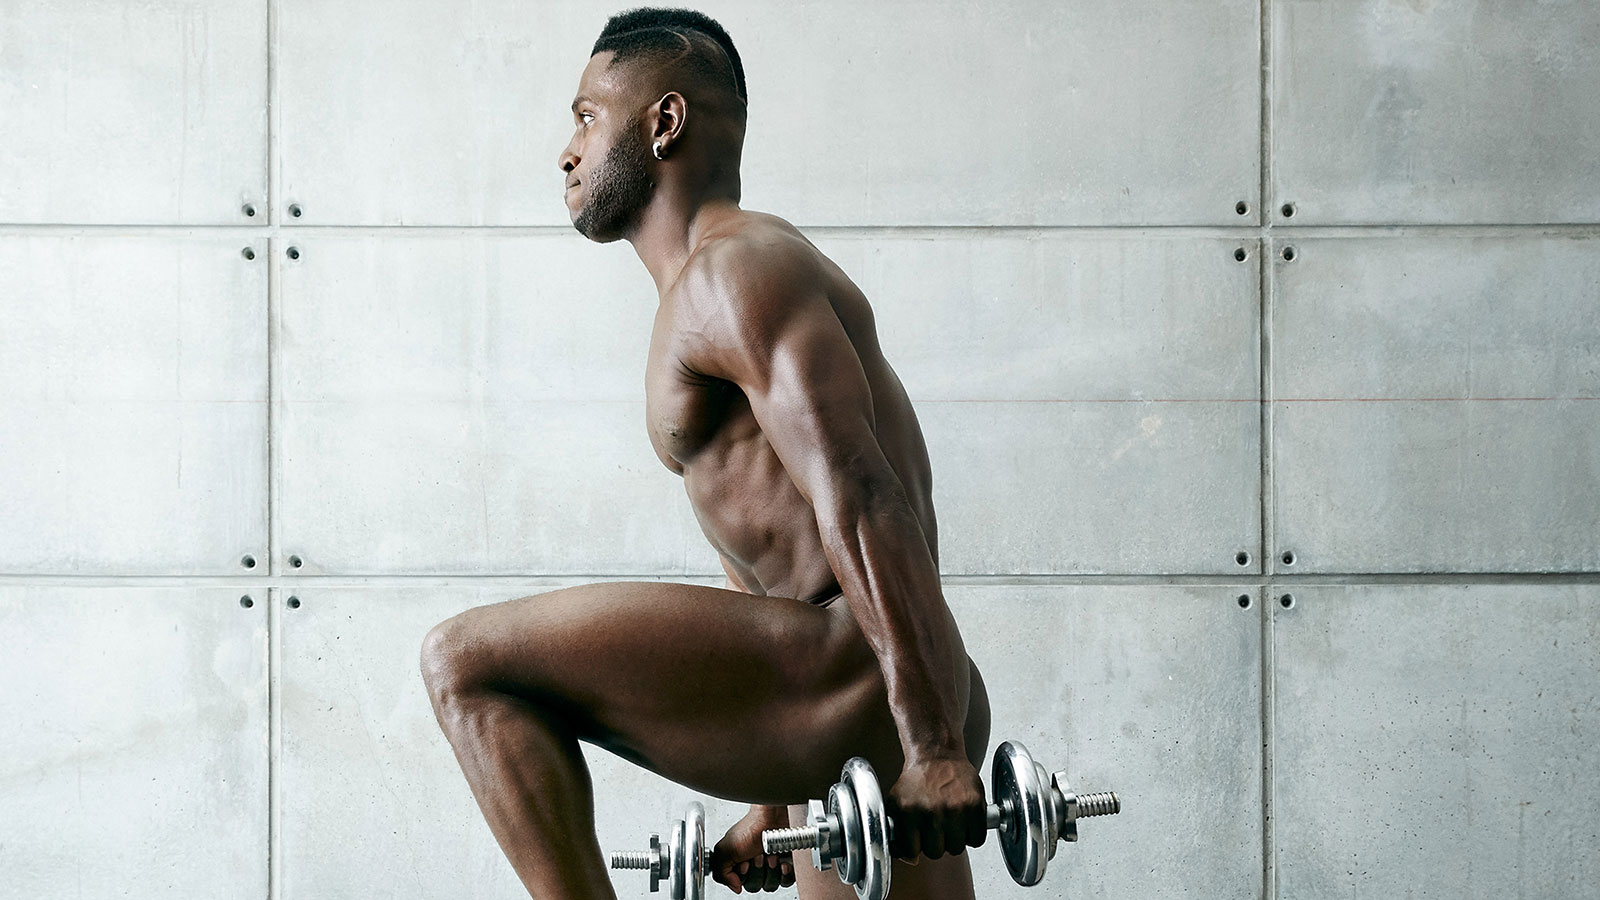 Antonio Brown. В ежегодной фотосессии Body Issue для журнала ESPN приняли участие 20 известных спортсменов